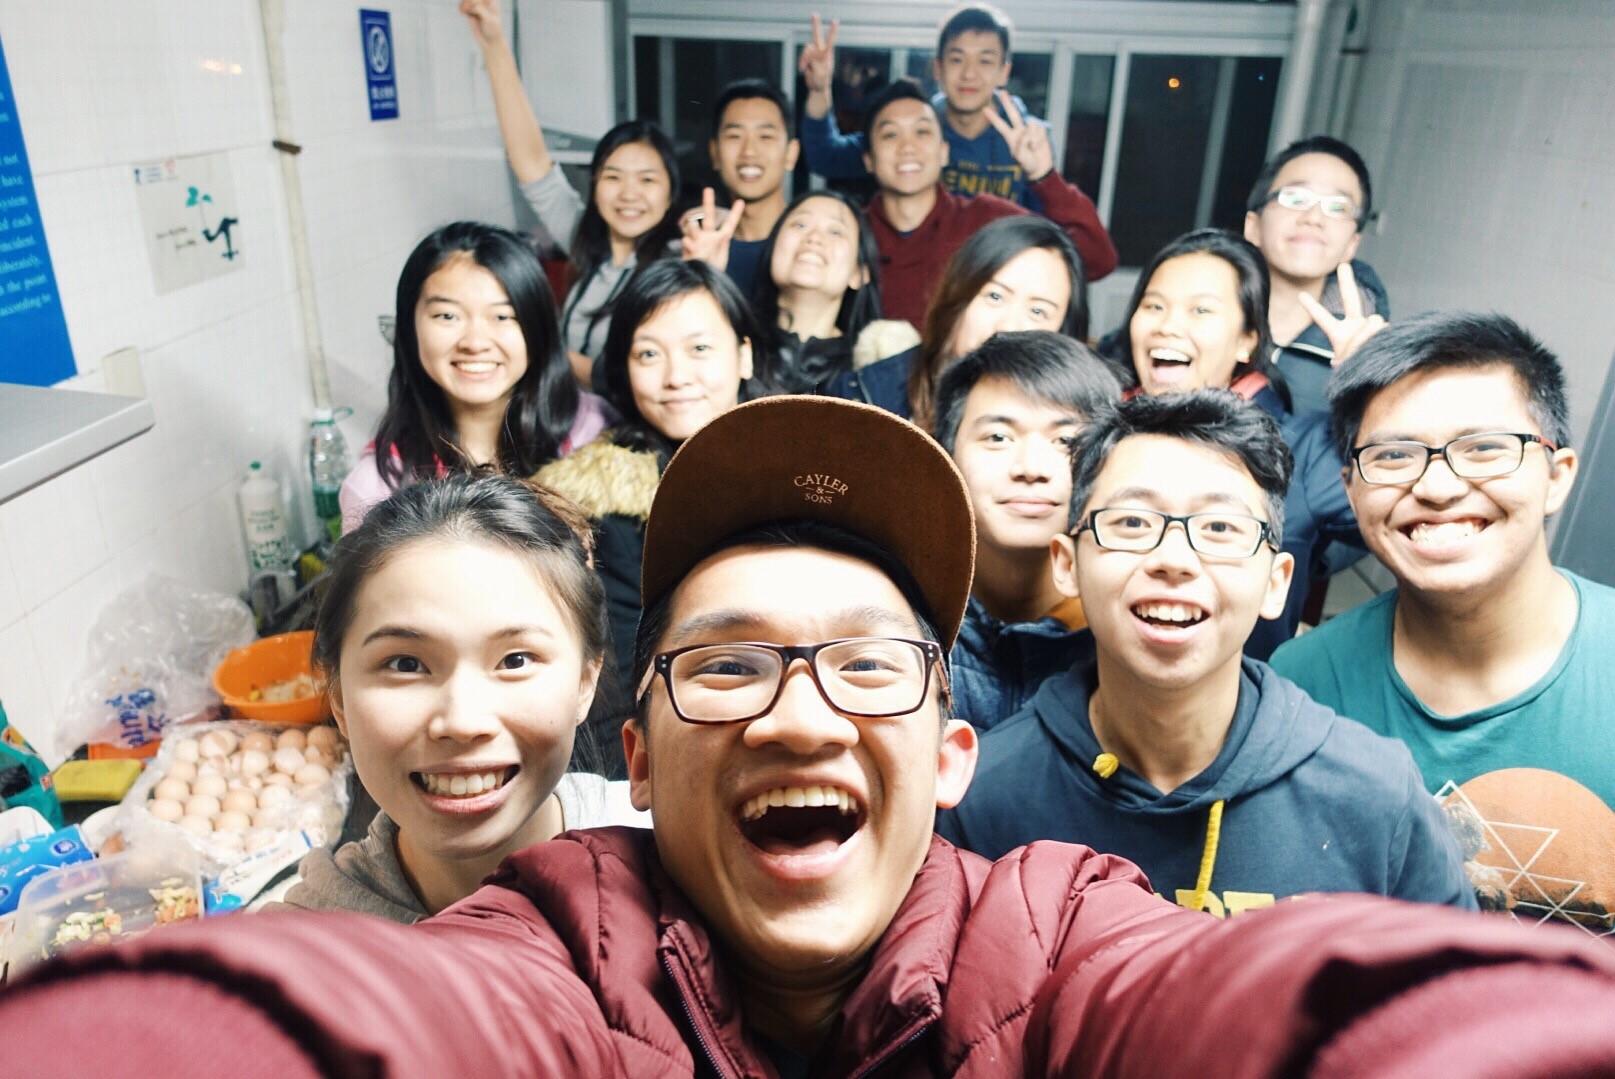 warung indo 2015 01.jpg